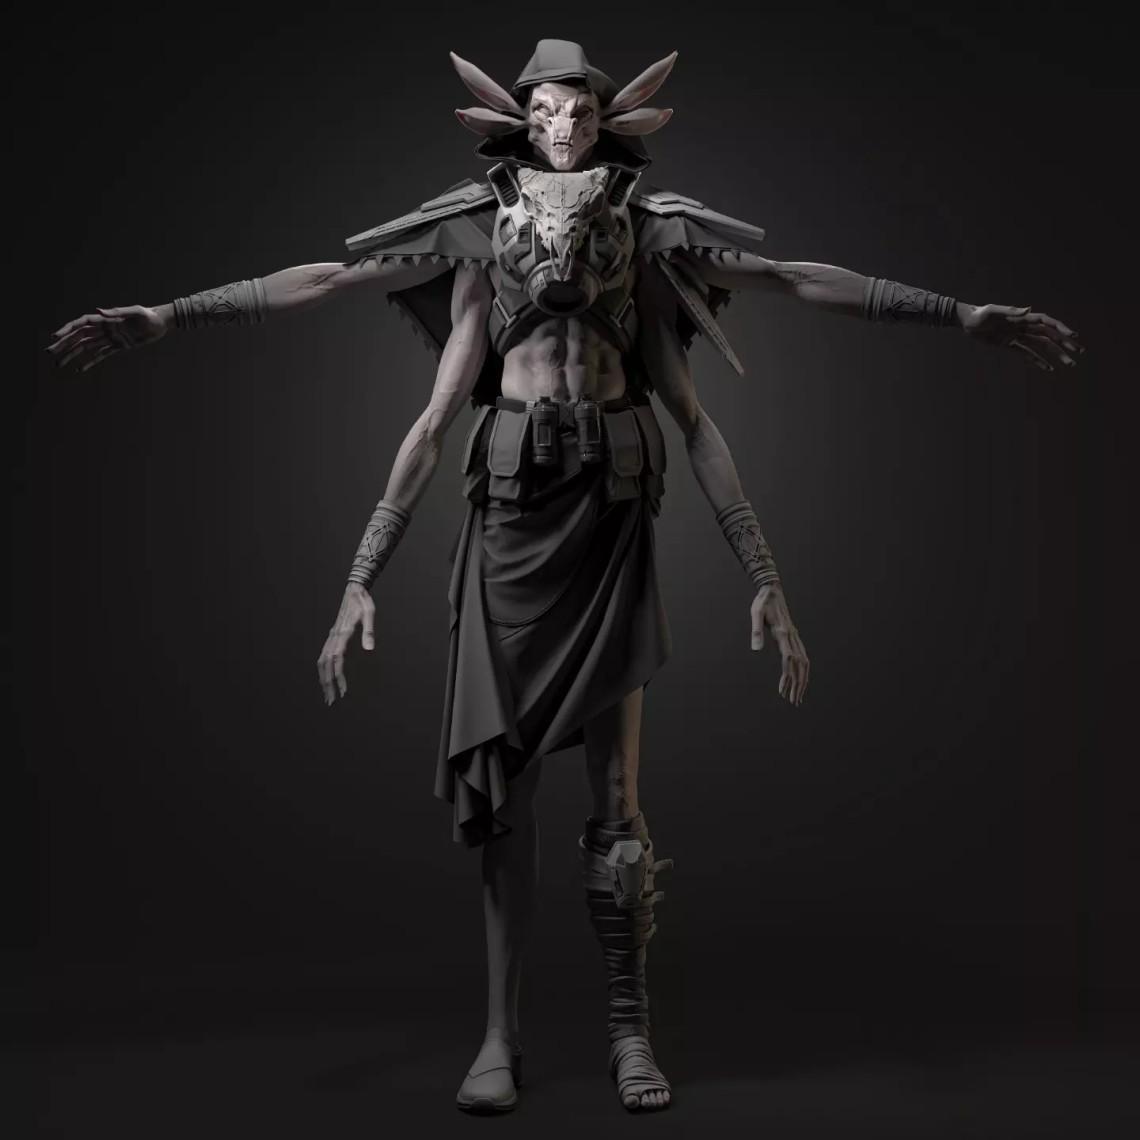 乌克兰3D艺术家Roman Kupriyan 作品欣赏